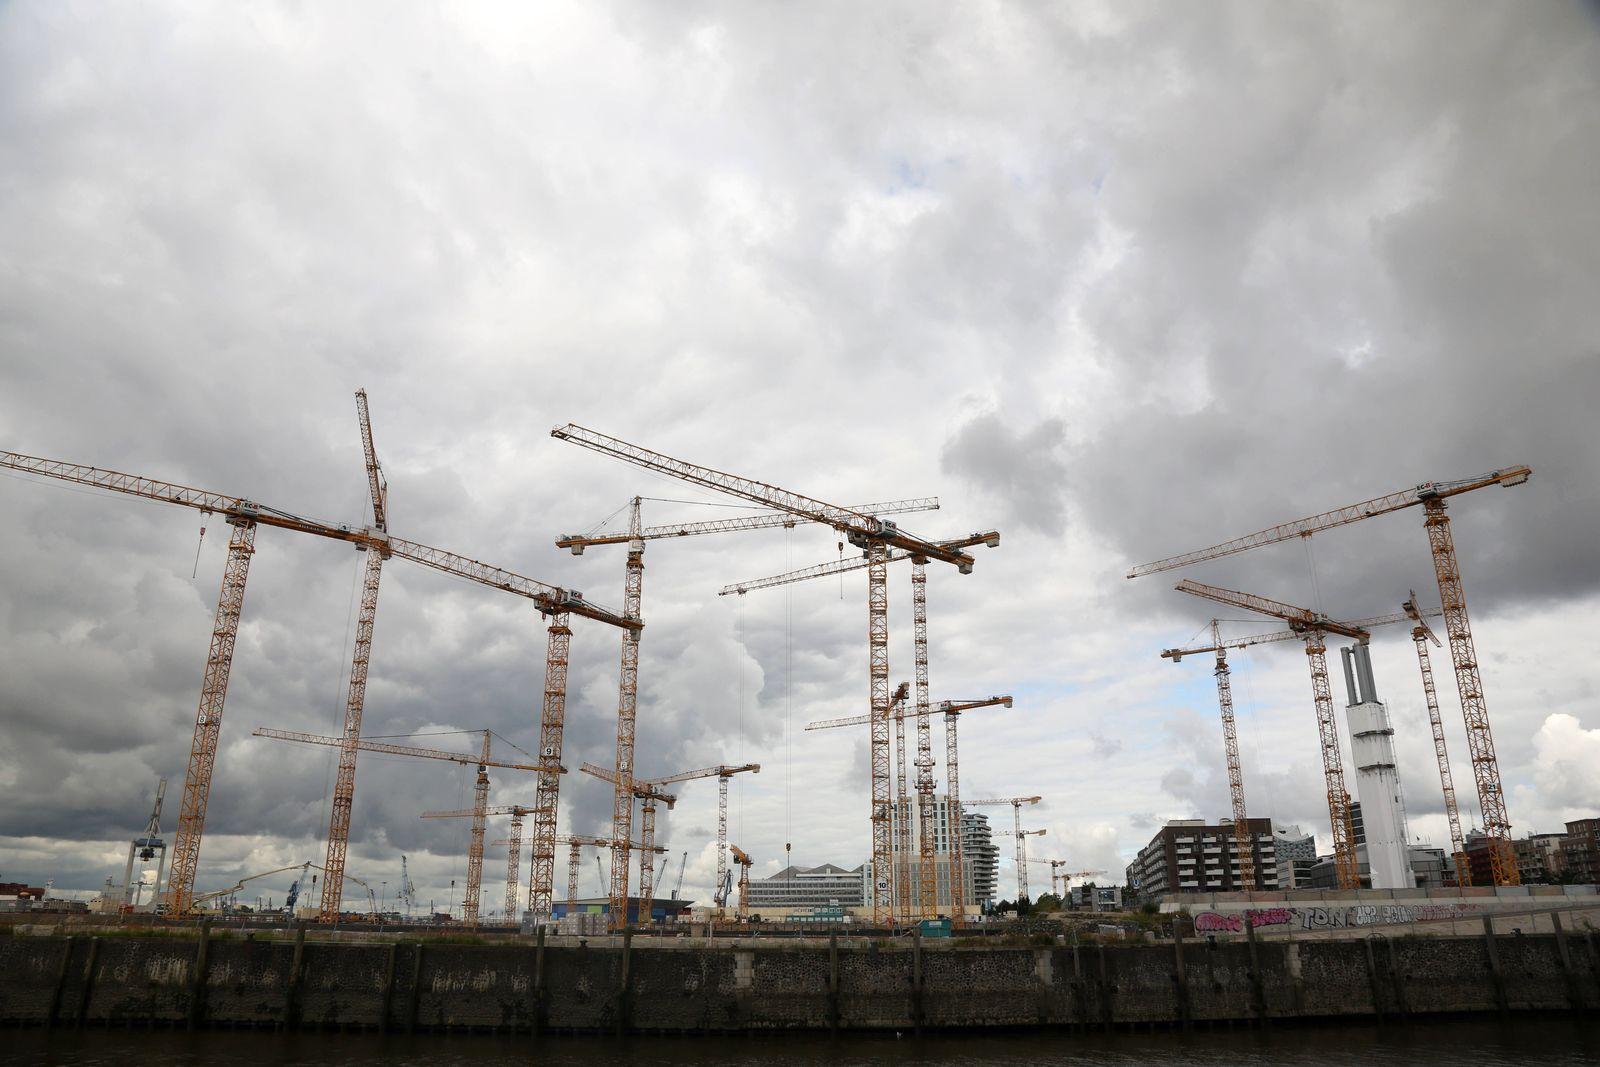 Hamburg Dunkle Wolken ¸ber der Gro?baustelle s¸dliches ?berseequartier in der Hamburger HafenCity Baukran Baukr?ne Kr?n